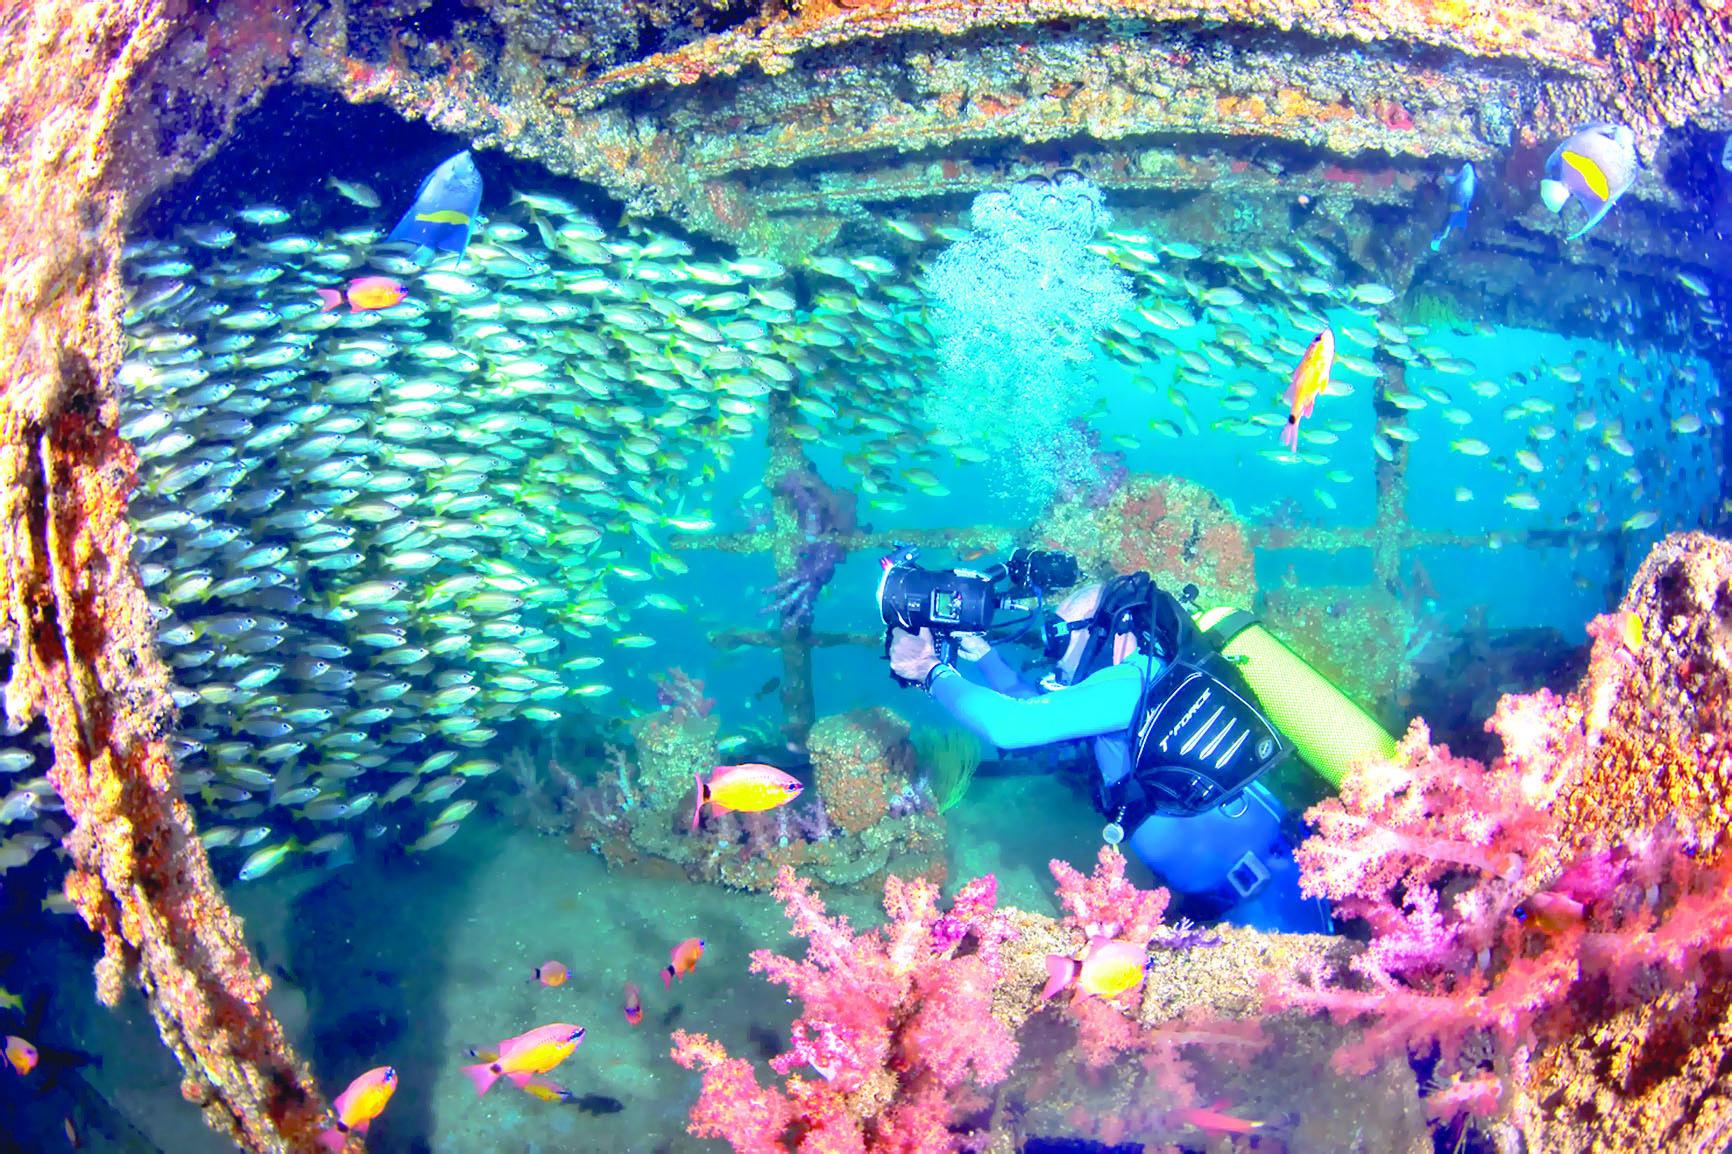 إنه وقت السياحة البحرية !.. تعرفوا على أفضل 5 مواقع للغوص في مسقط